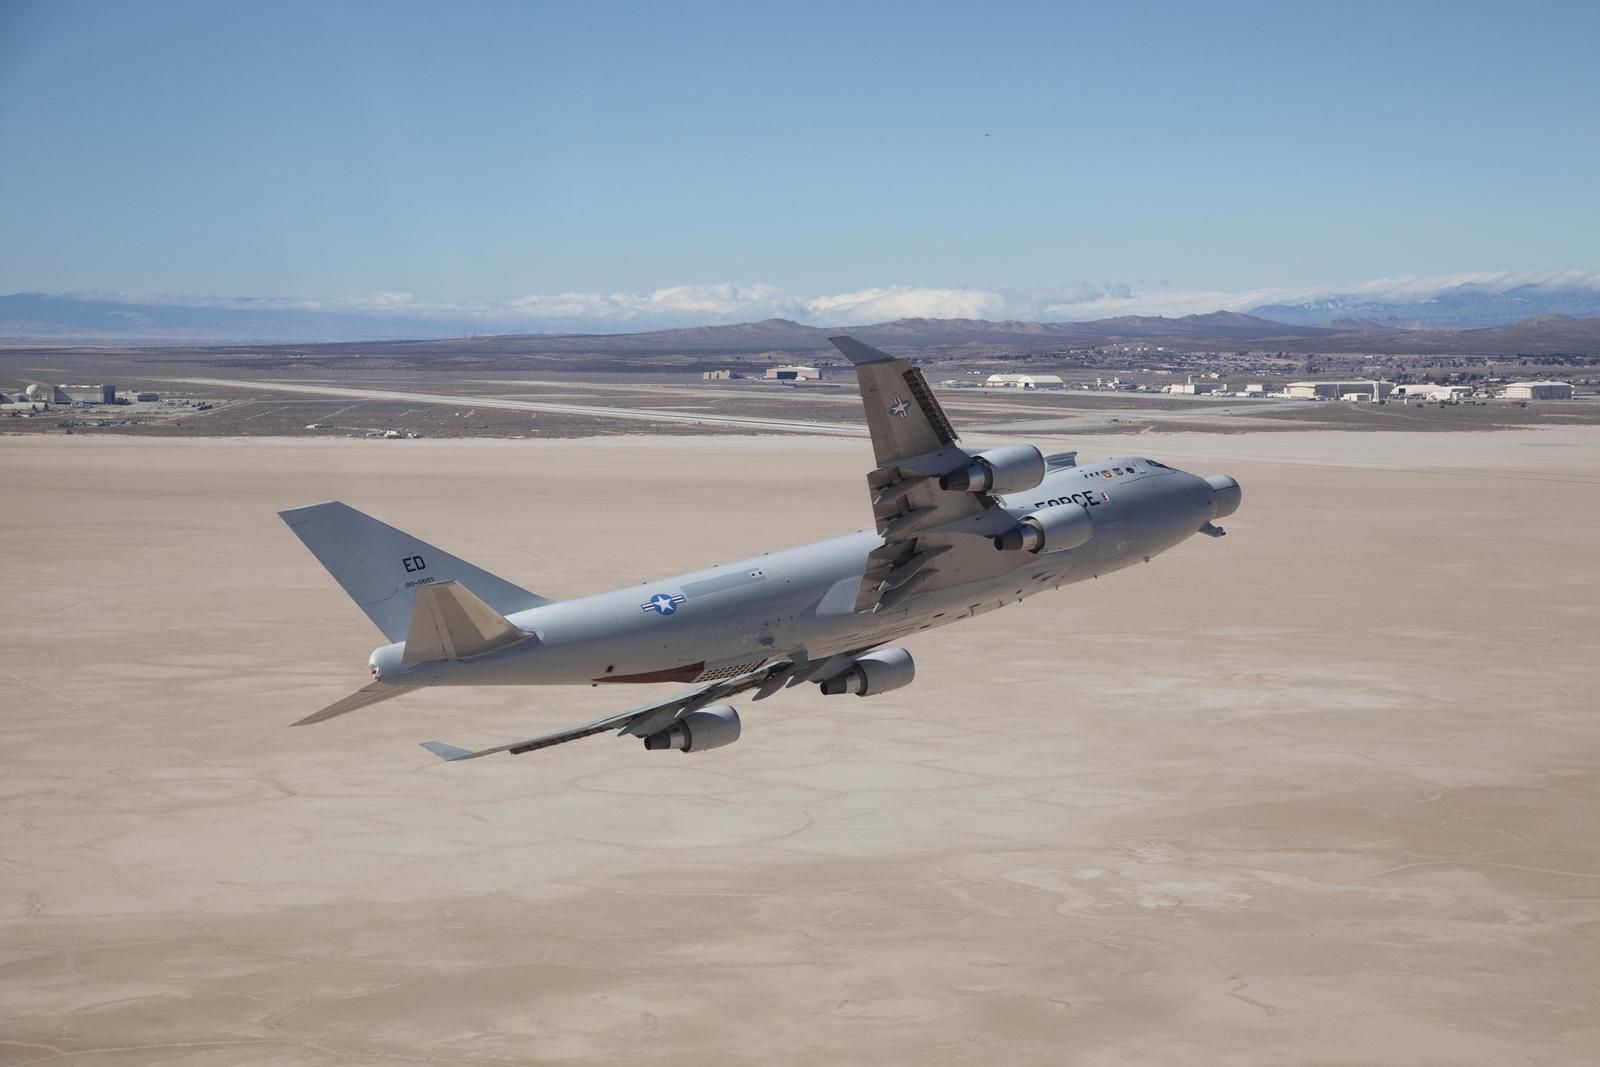 abl-departs-edwards-afb-2.jpg